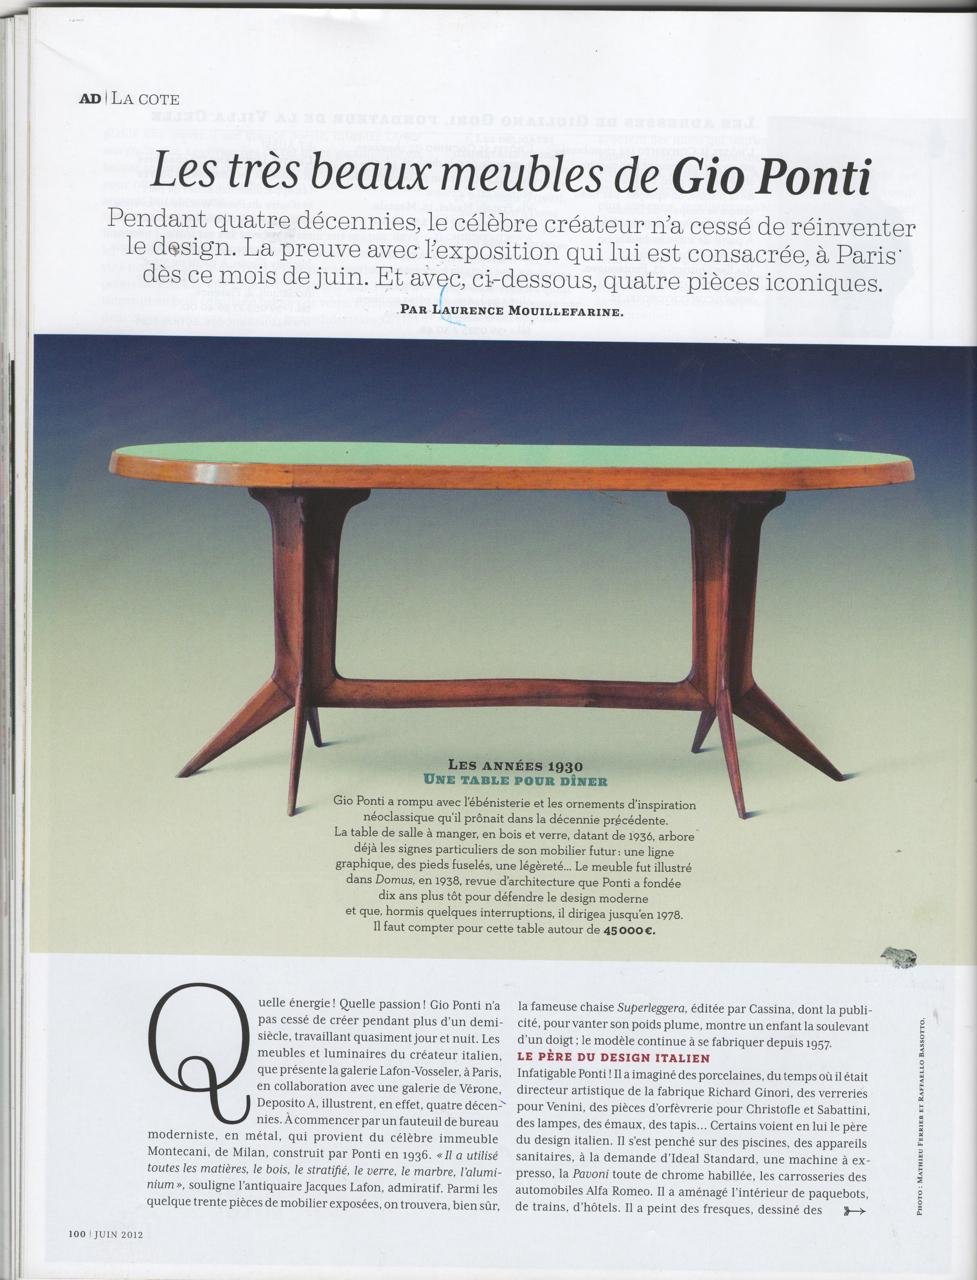 Les très beaux meubles de Gio Ponti